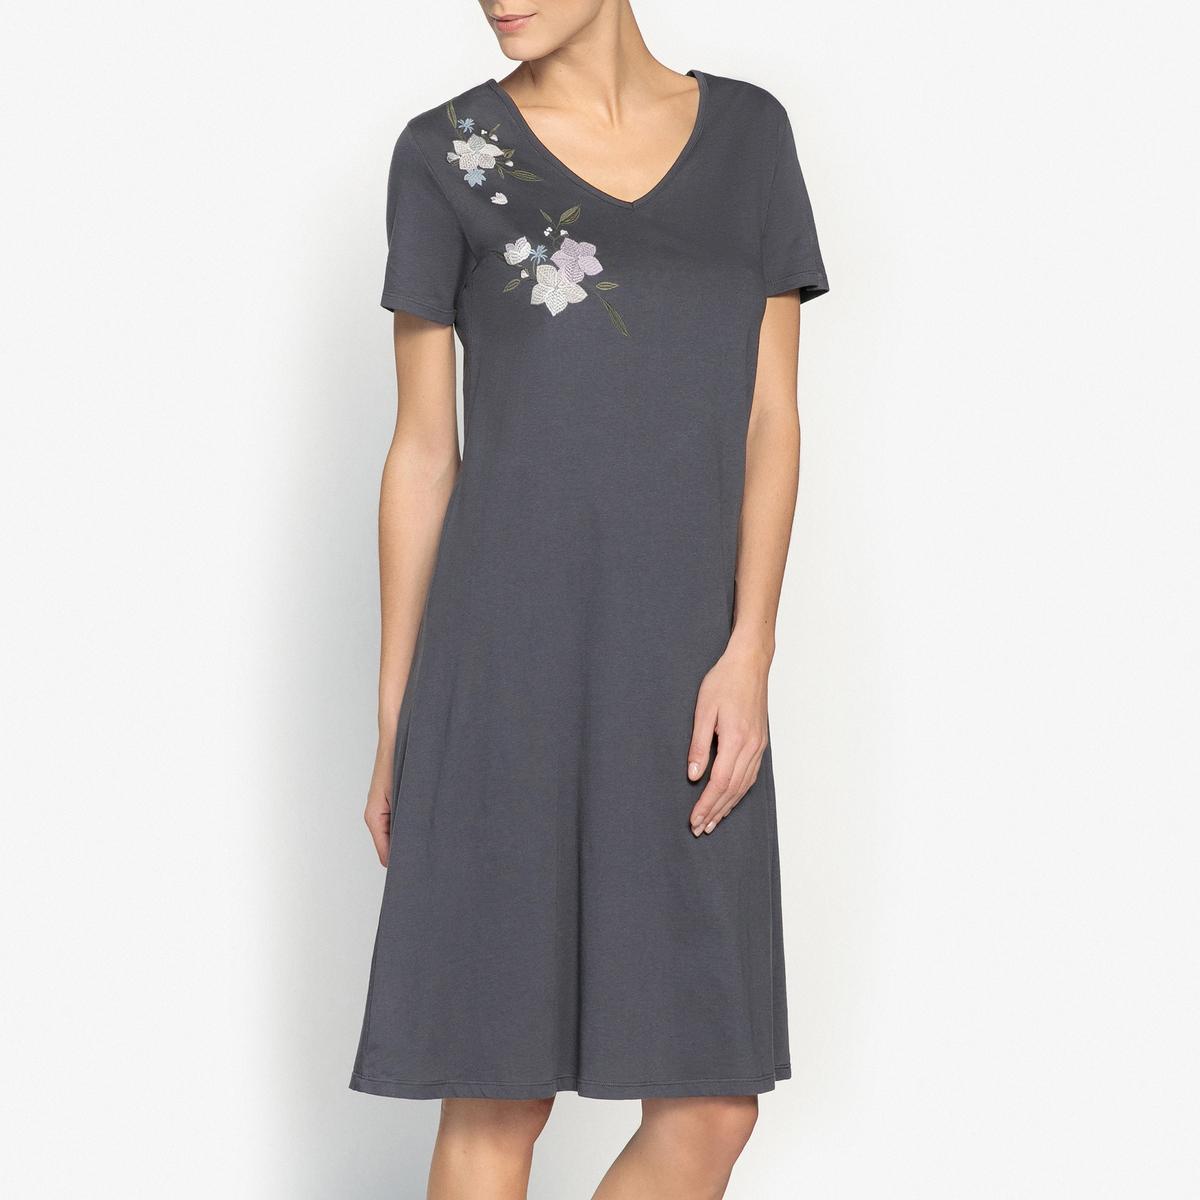 Рубашка ночная с вышивкойНочная рубашка с вышивкой и короткими рукавами, Anne Weyburn.Прямой покрой, короткие рукава, V-образный вырез, вышивка на груди. Состав и описание : Материал : 100% хлопокДлина : 103 смМарка : Anne Weyburn.Уход:Машинная стирка при 30 °С на деликатном режиме с вещами схожих цветов.Стирать, сушить и гладить при низкой температуре с изнаночной стороны.<br><br>Цвет: темно-синий<br>Размер: 38/40 (FR) - 44/46 (RUS).46/48 (FR) - 52/54 (RUS).34/36 (FR) - 40/42 (RUS).50/52 (FR) - 56/58 (RUS).42/44 (FR) - 48/50 (RUS)